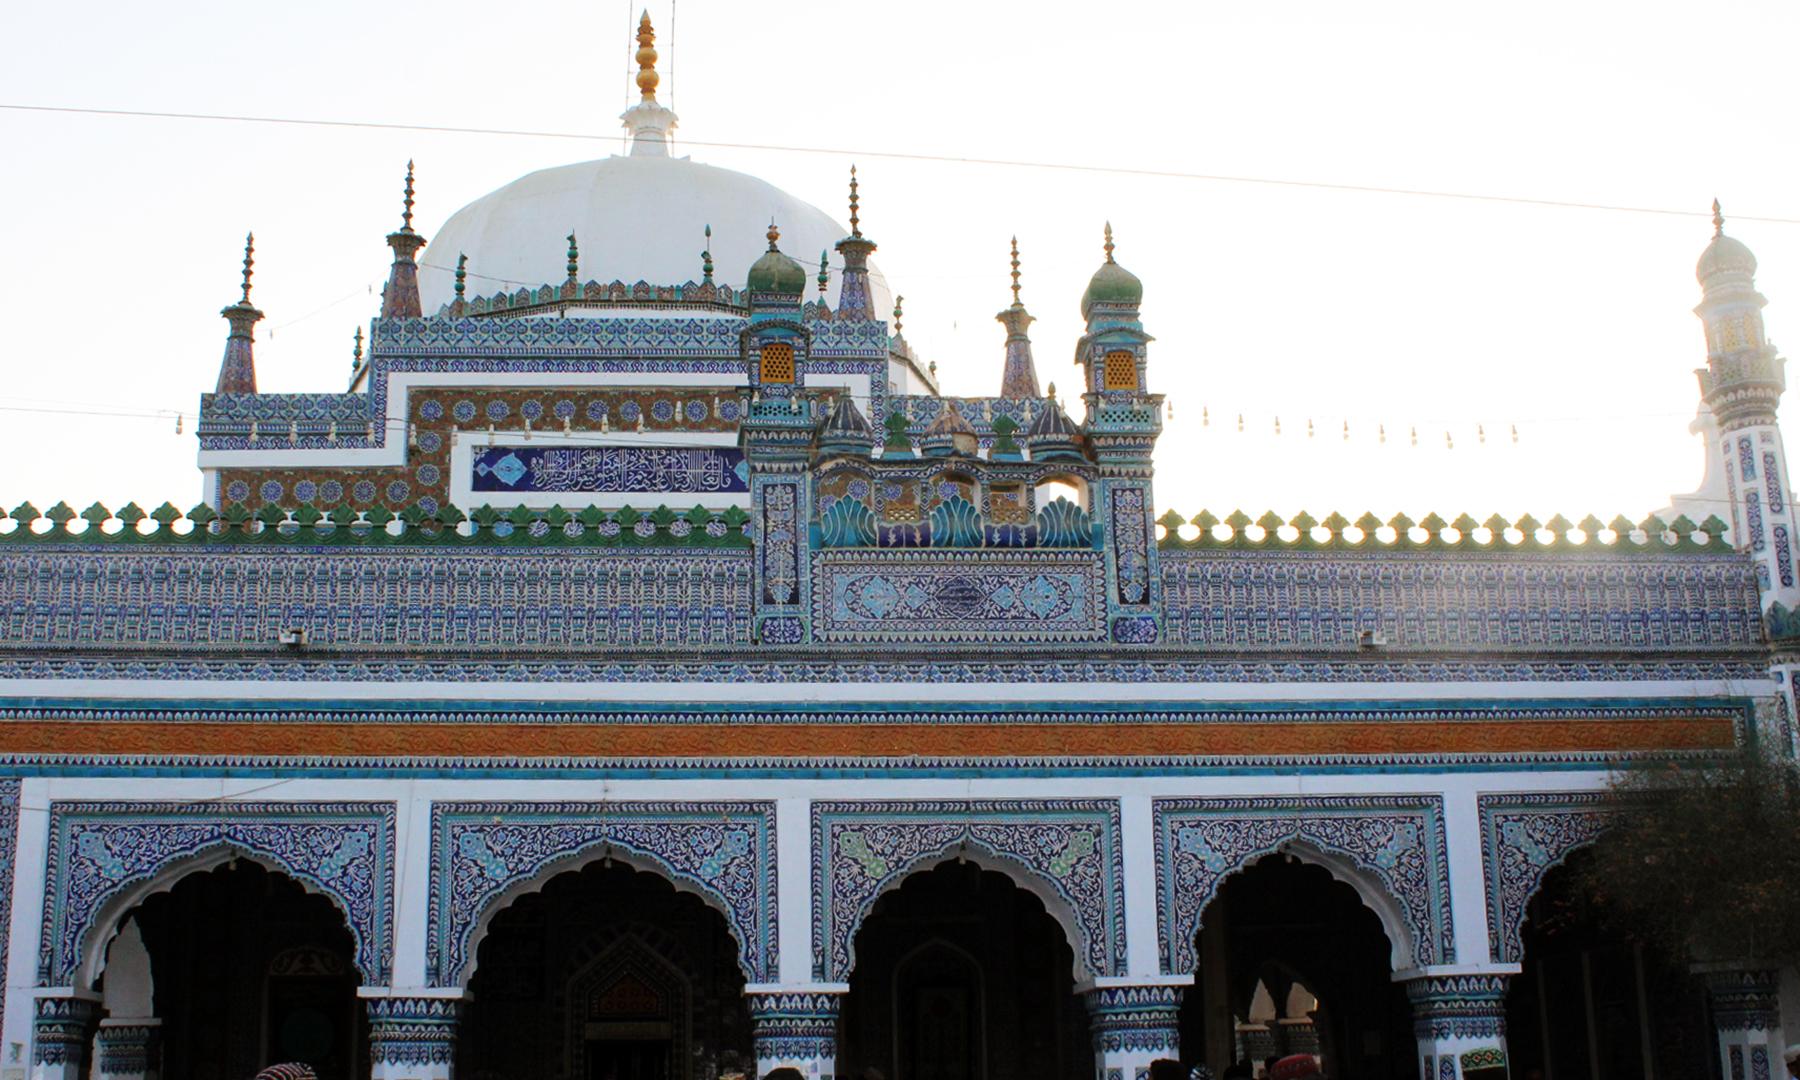 شاہ عبداللطیف بھٹائی کا مزار حیدرآباد سے ایک گھنٹے کے فاصلے پر ہے۔— تصویر اختر حفیظ